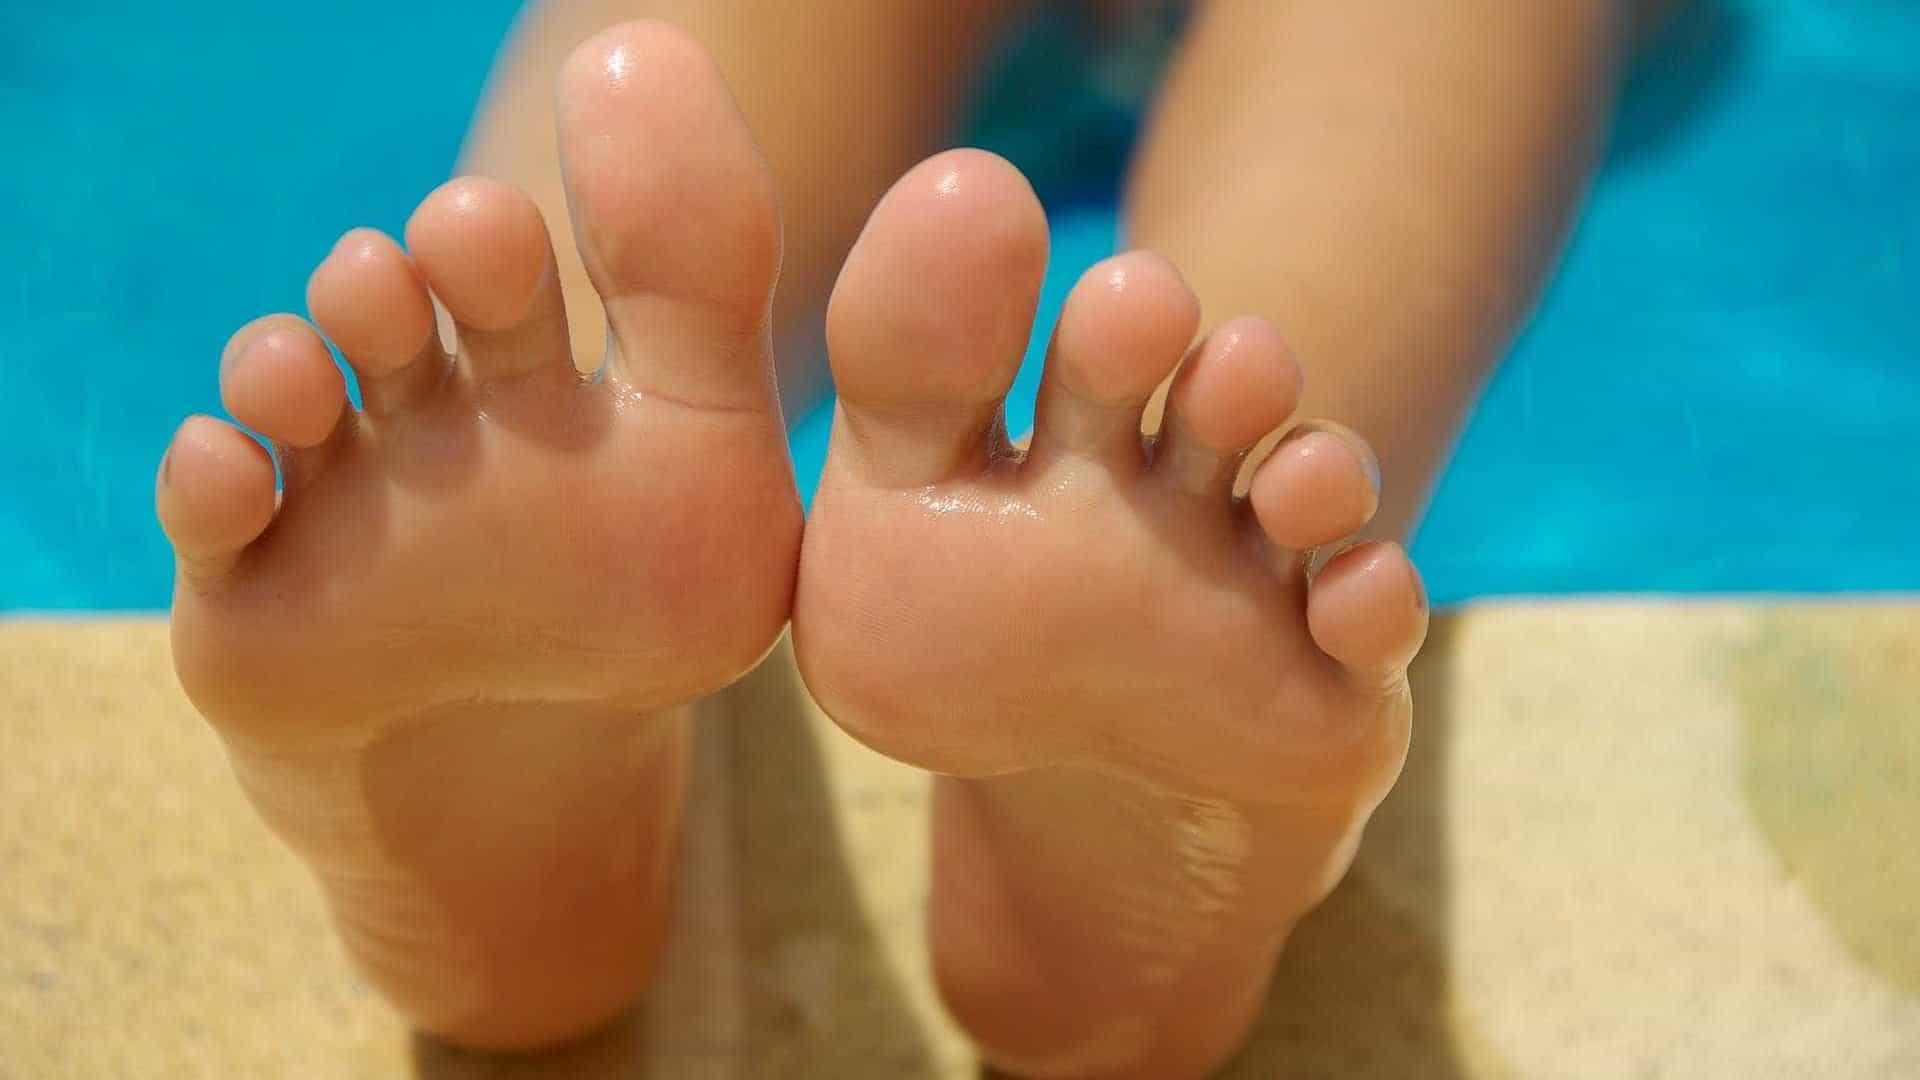 Suor excessivo nos pés